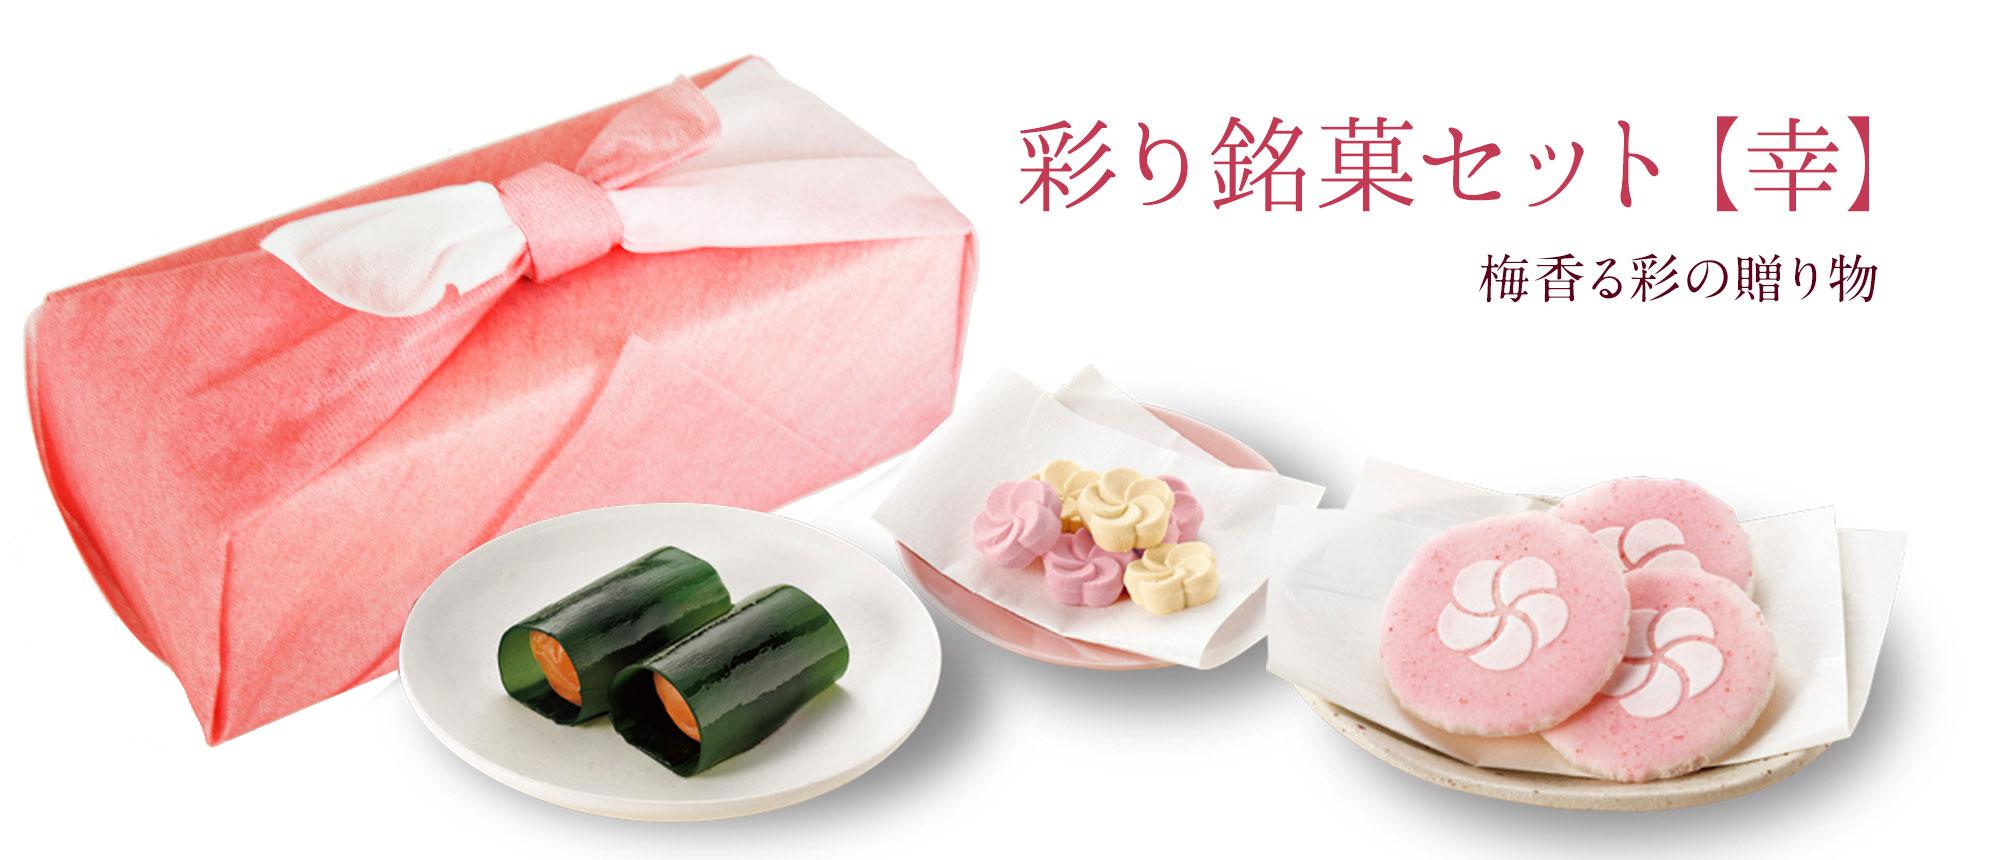 彩り銘菓セット・幸